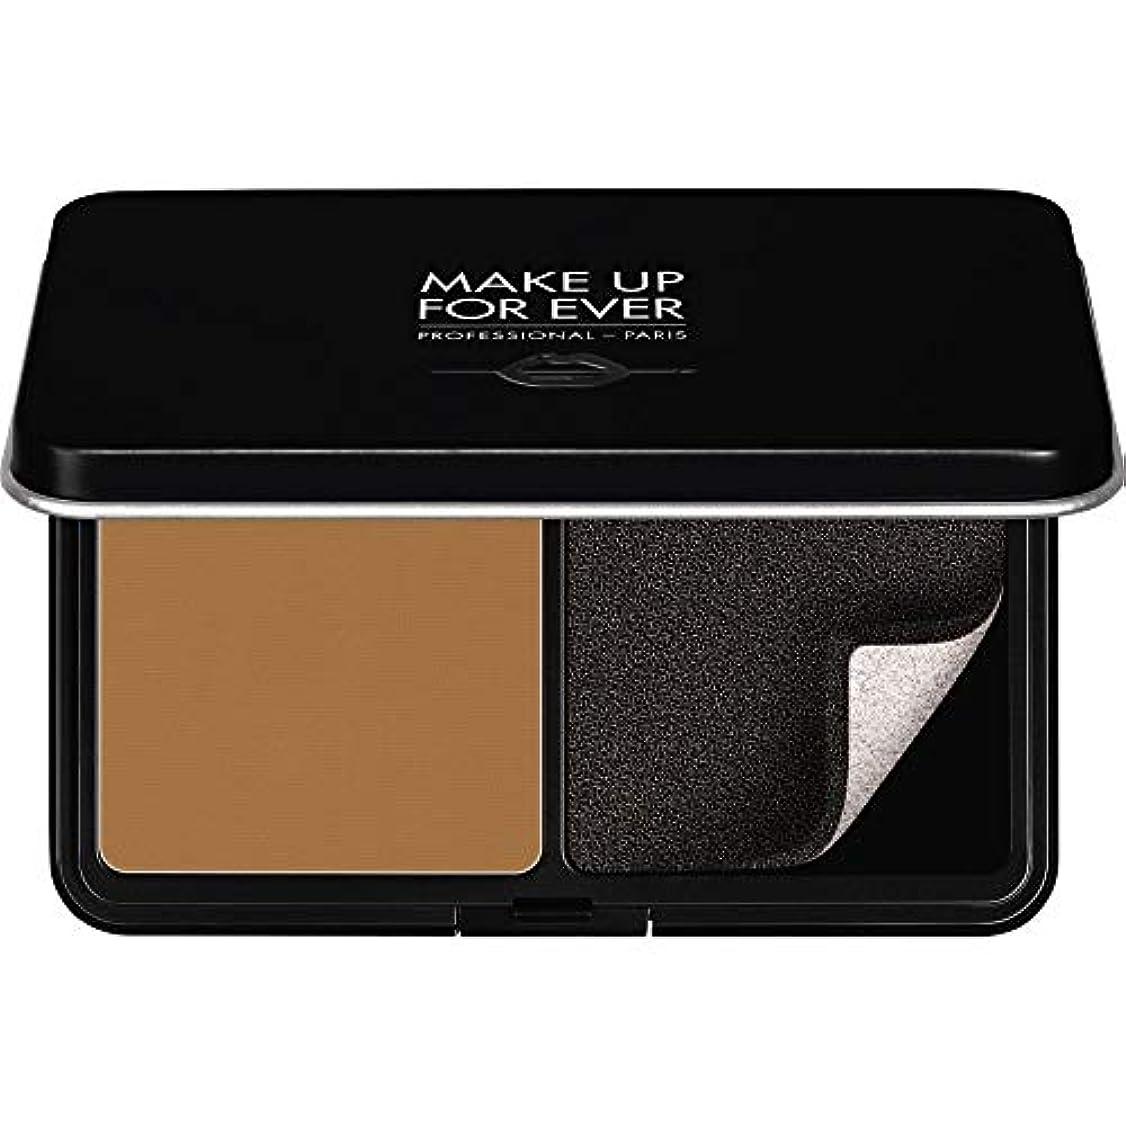 エレガント犠牲輪郭[MAKE UP FOR EVER] パウダーファンデーション11GののY505をぼかし、これまでマットベルベットの肌を補う - コニャック - MAKE UP FOR EVER Matte Velvet Skin Blurring Powder Foundation 11g Y505 - Cognac [並行輸入品]